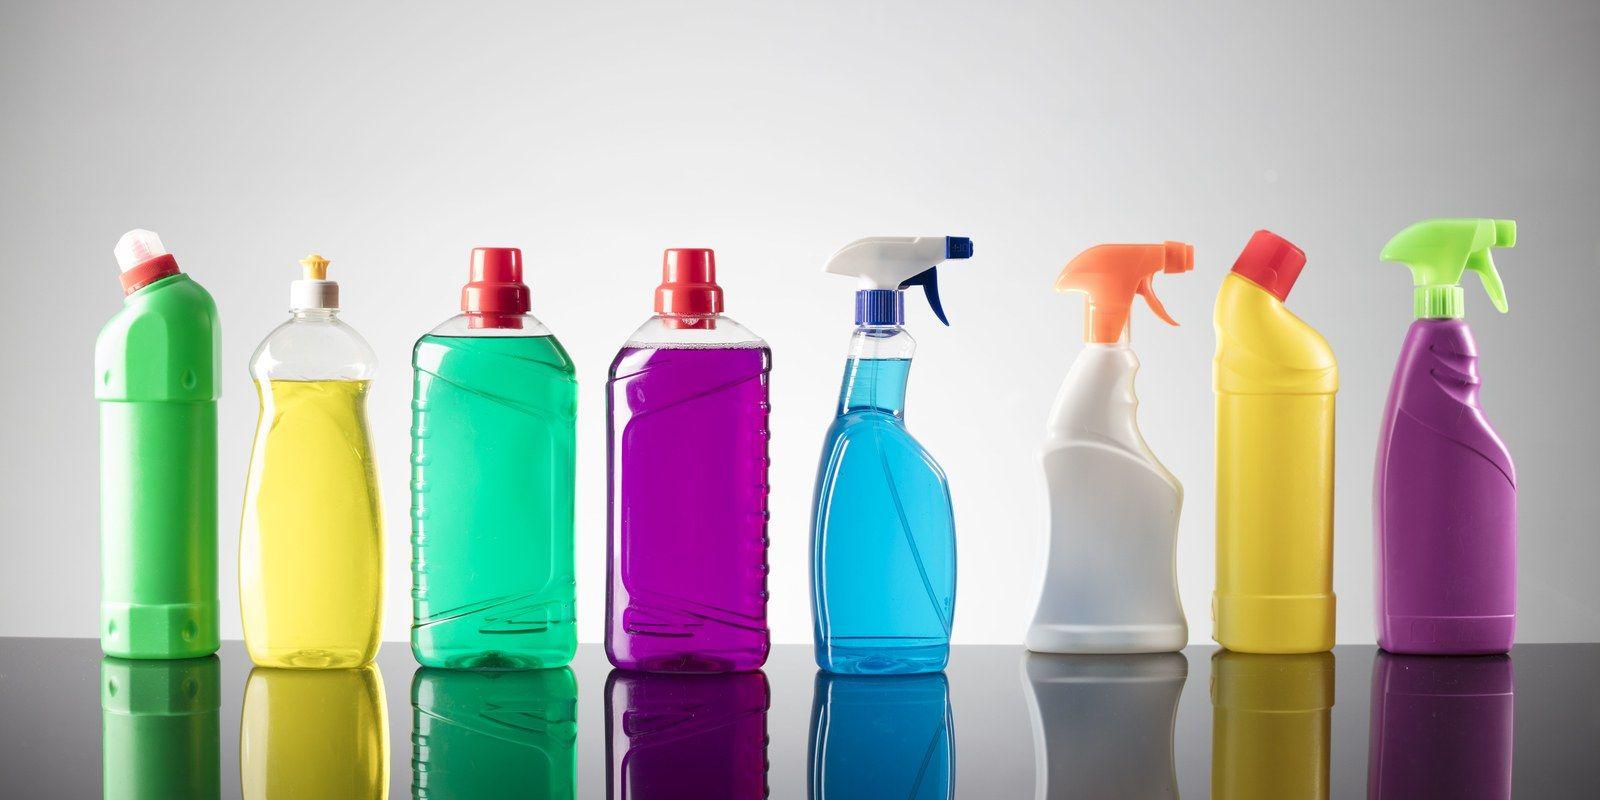 Fotografia Productos de limpieza industrial